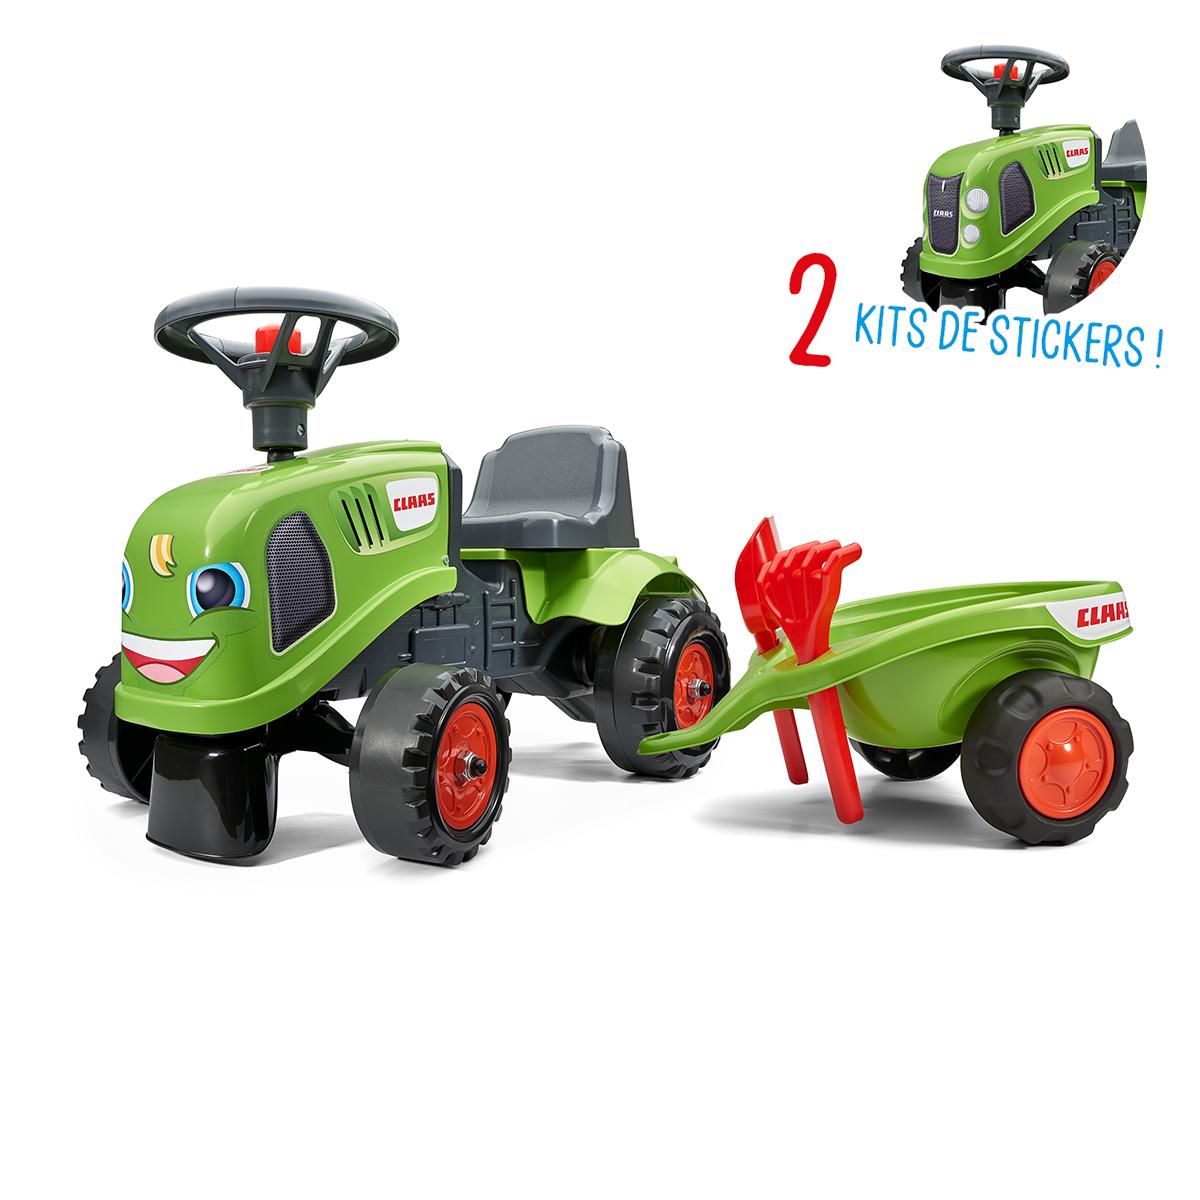 Porteur Falk tracteur Claas avec remorque - pelle et rateau - Vert